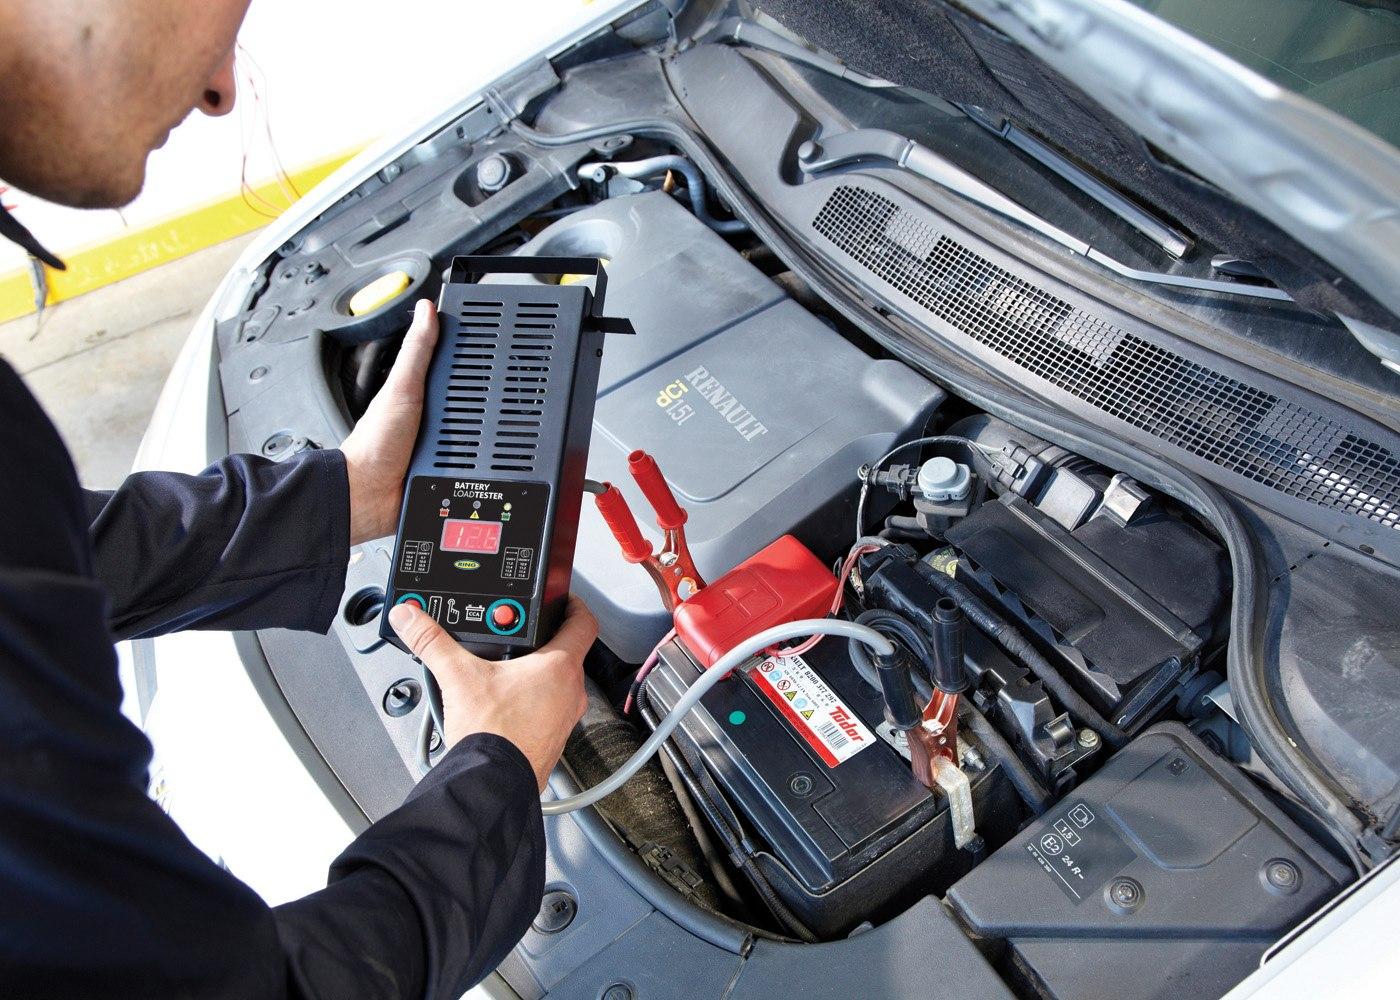 12V Digital Battery Load Tester | RBA15 | Ring